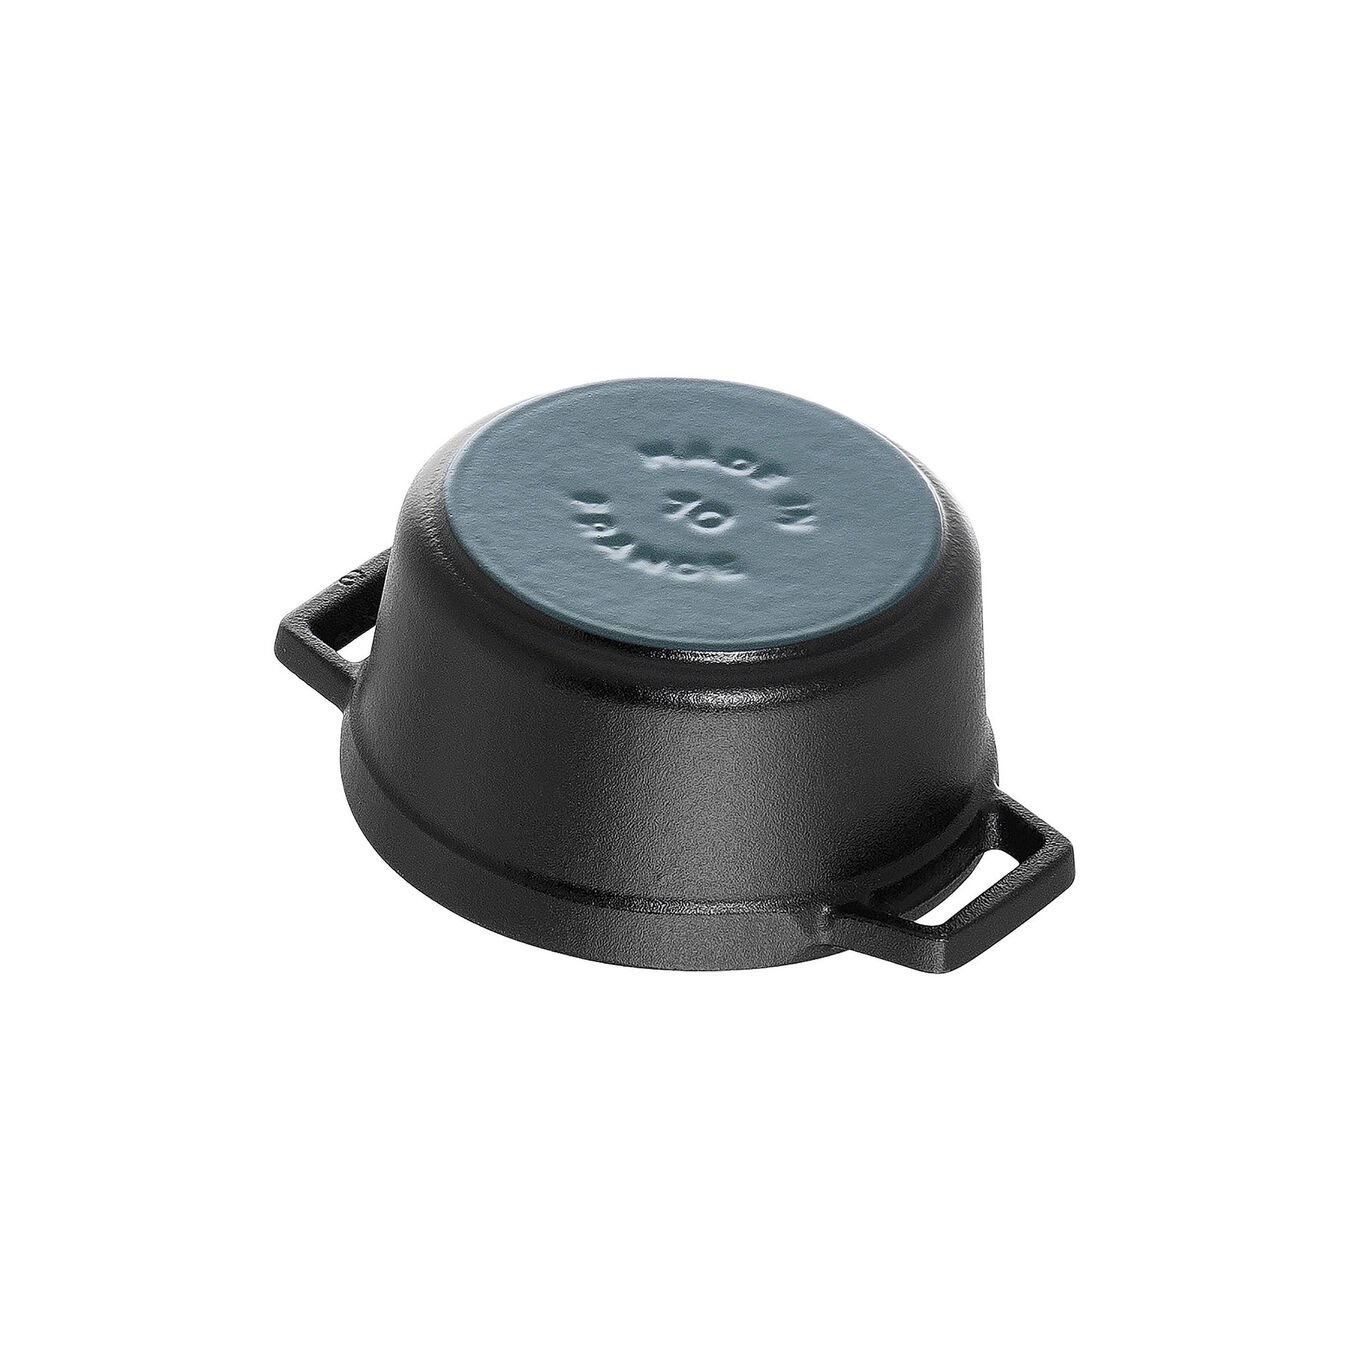 Mini poêle à frire 10 cm / 250 ml, Rond, Noir,,large 5